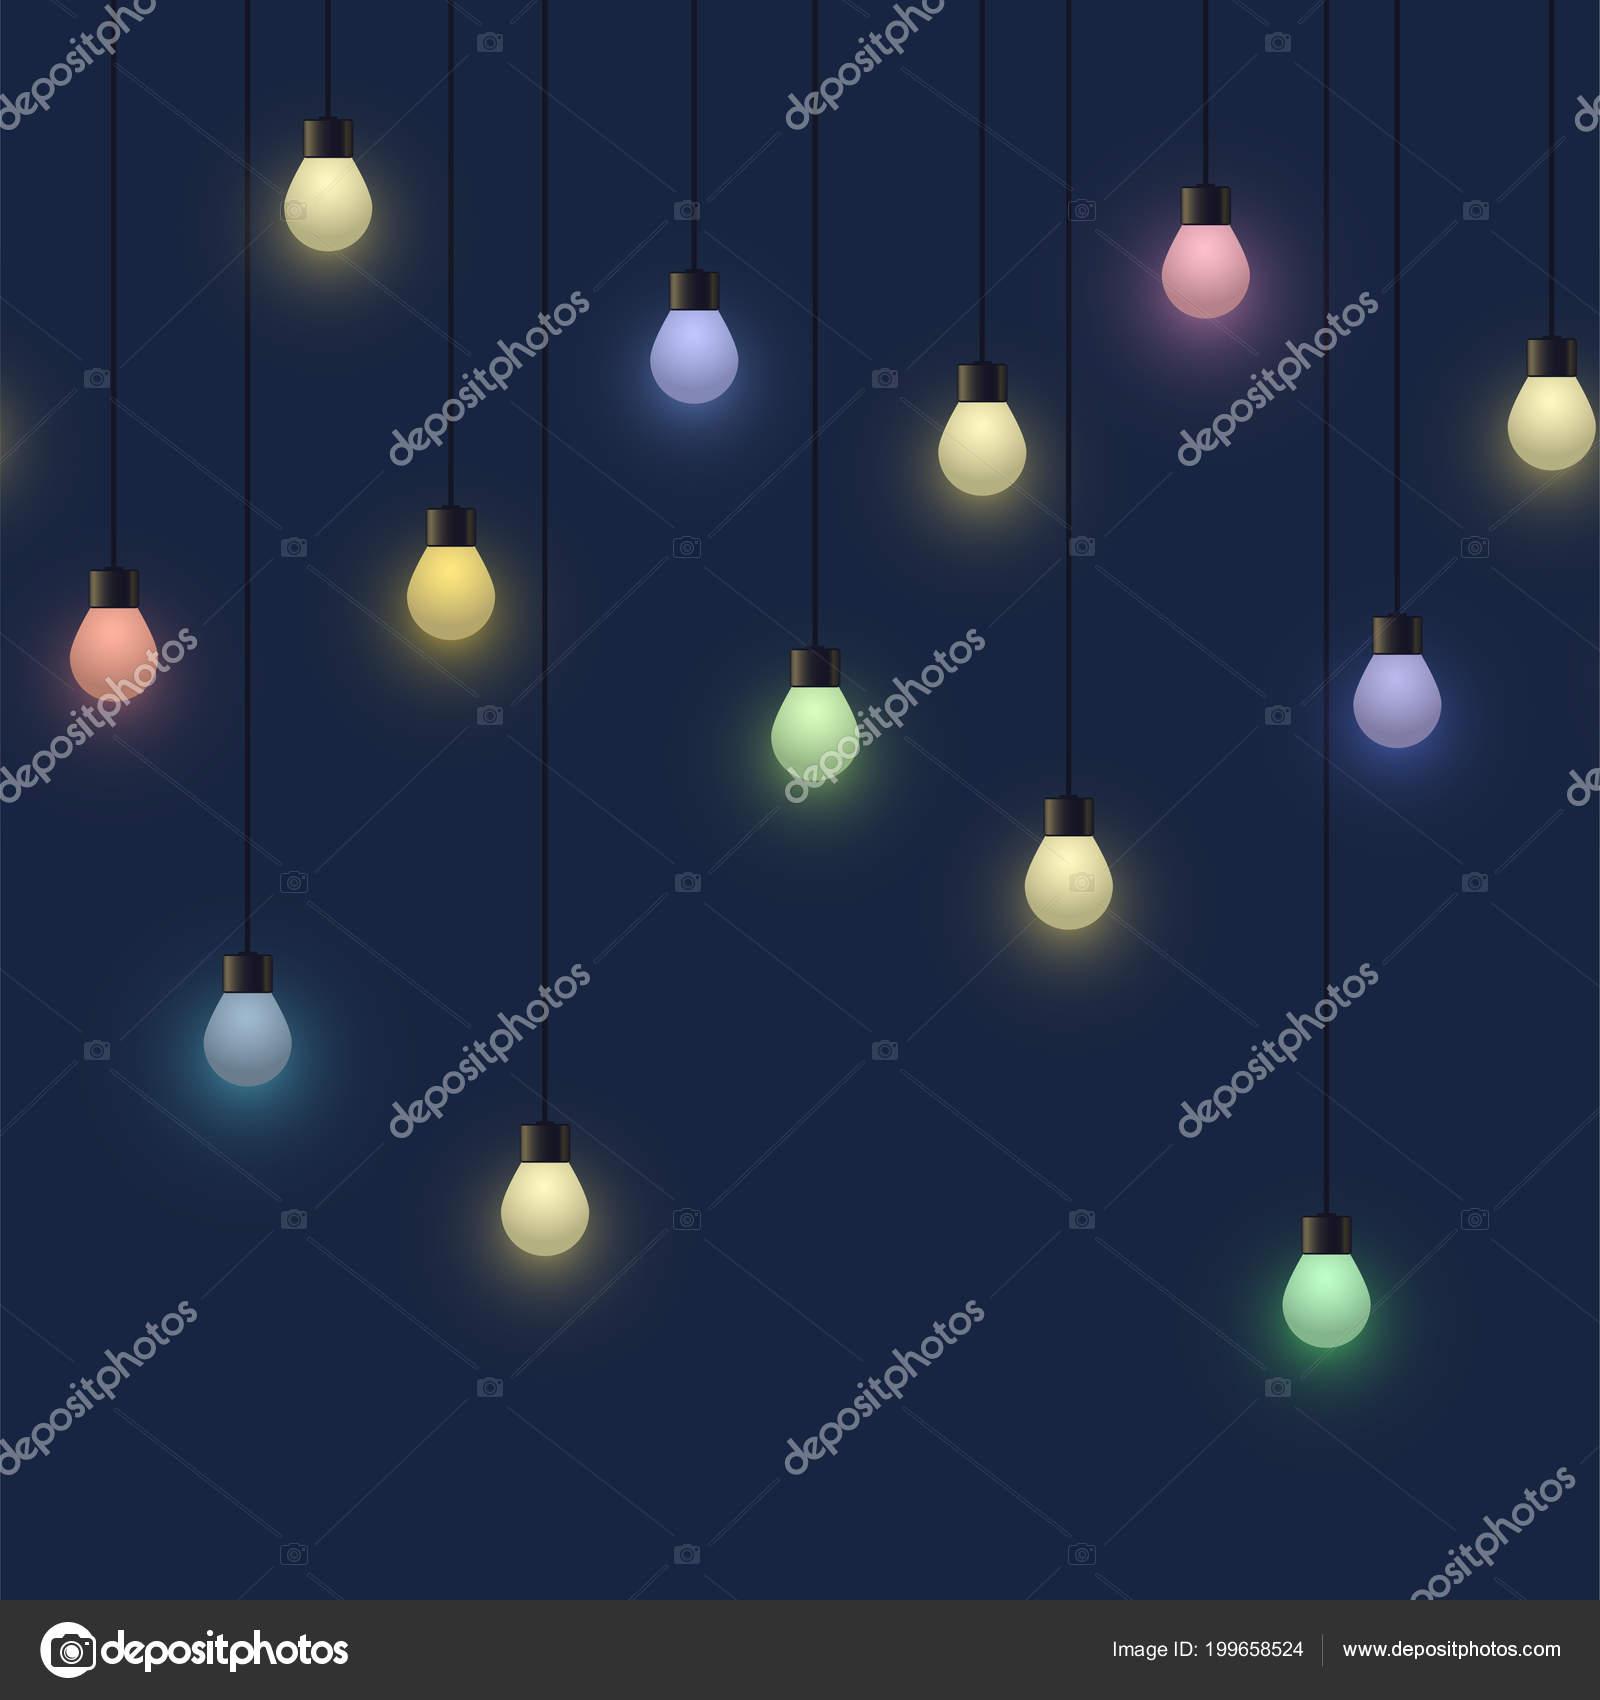 Leuchtend Bunte Birne Garland Dekoratives Licht Girlande Auf